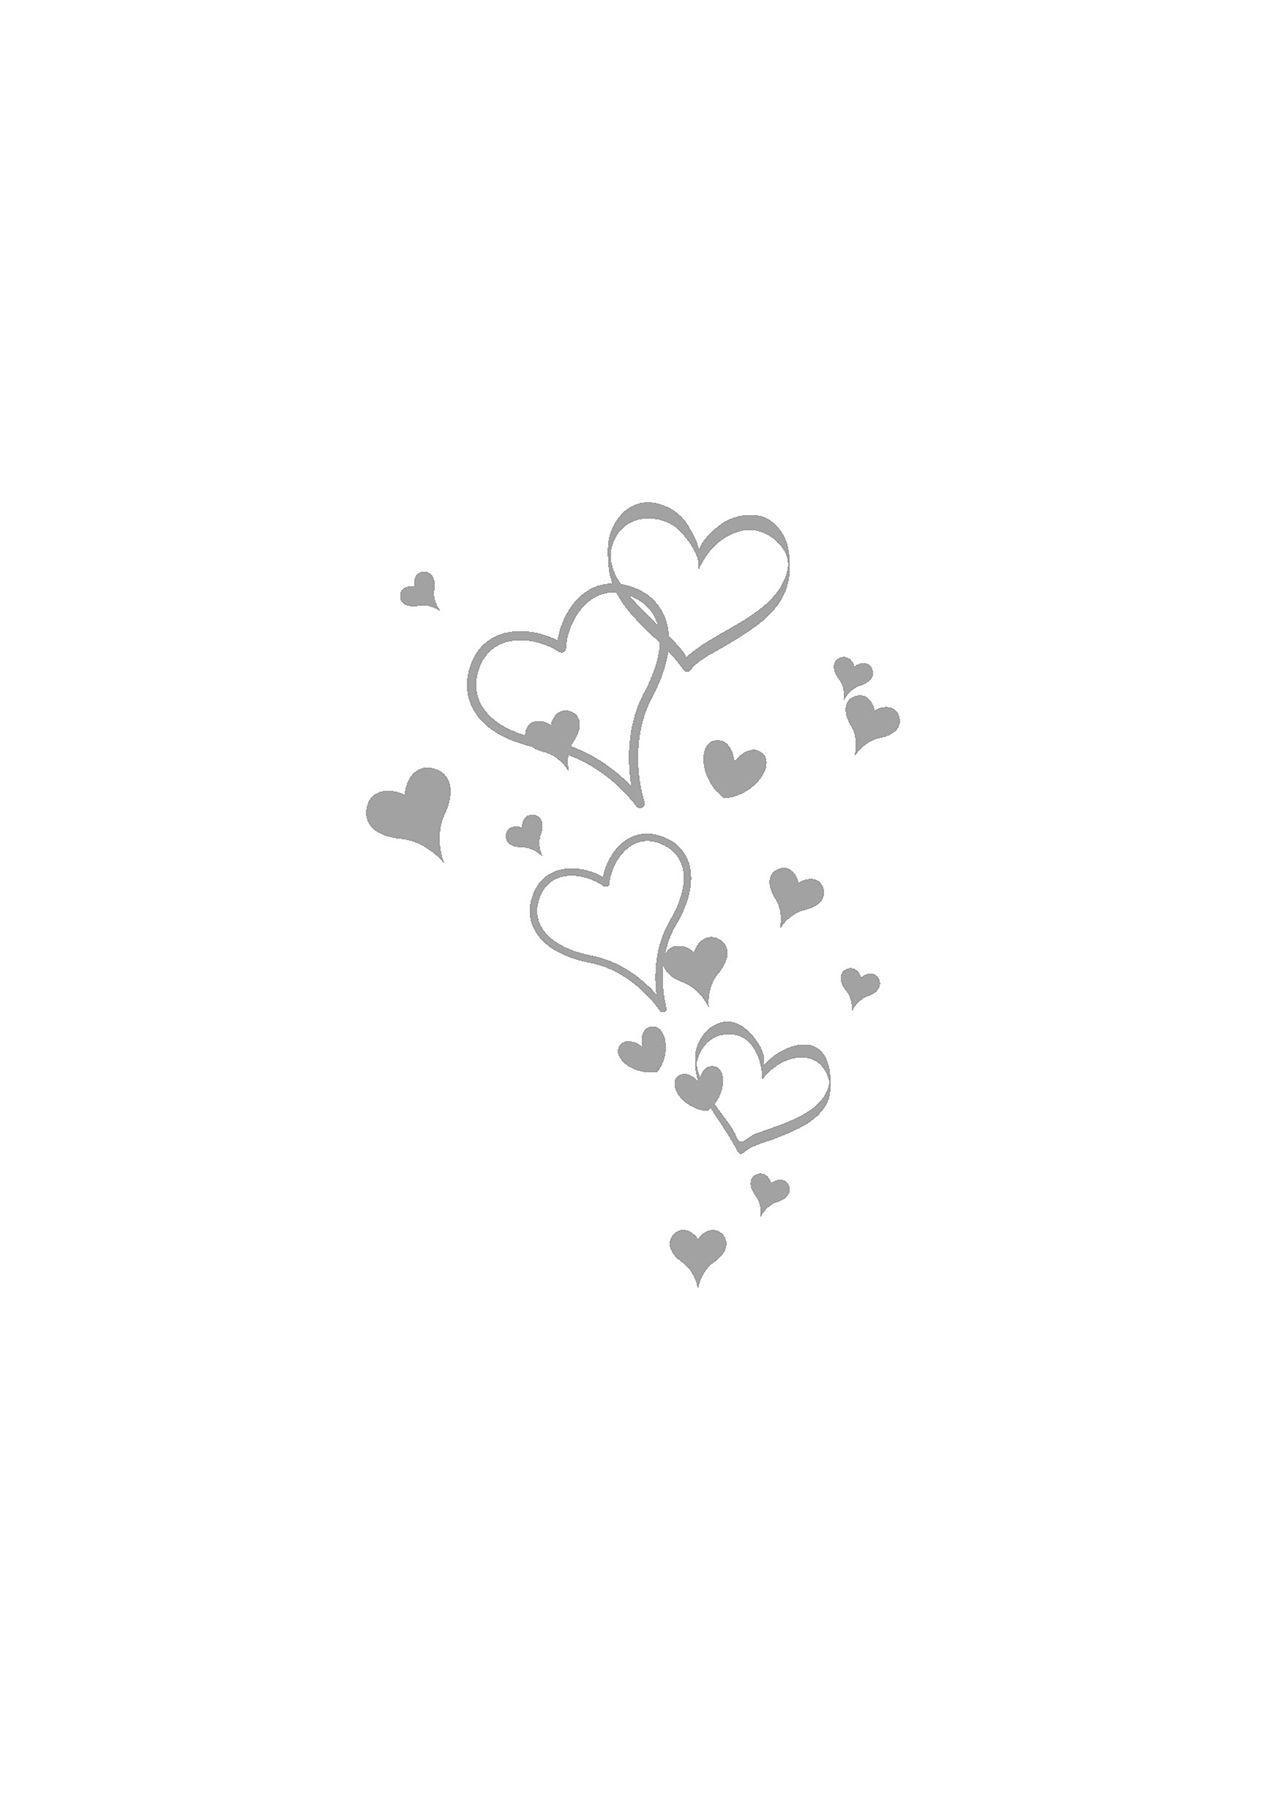 膣挿入&ピストン運動完全マニュアル イラスト版……ピスとんッ! 130